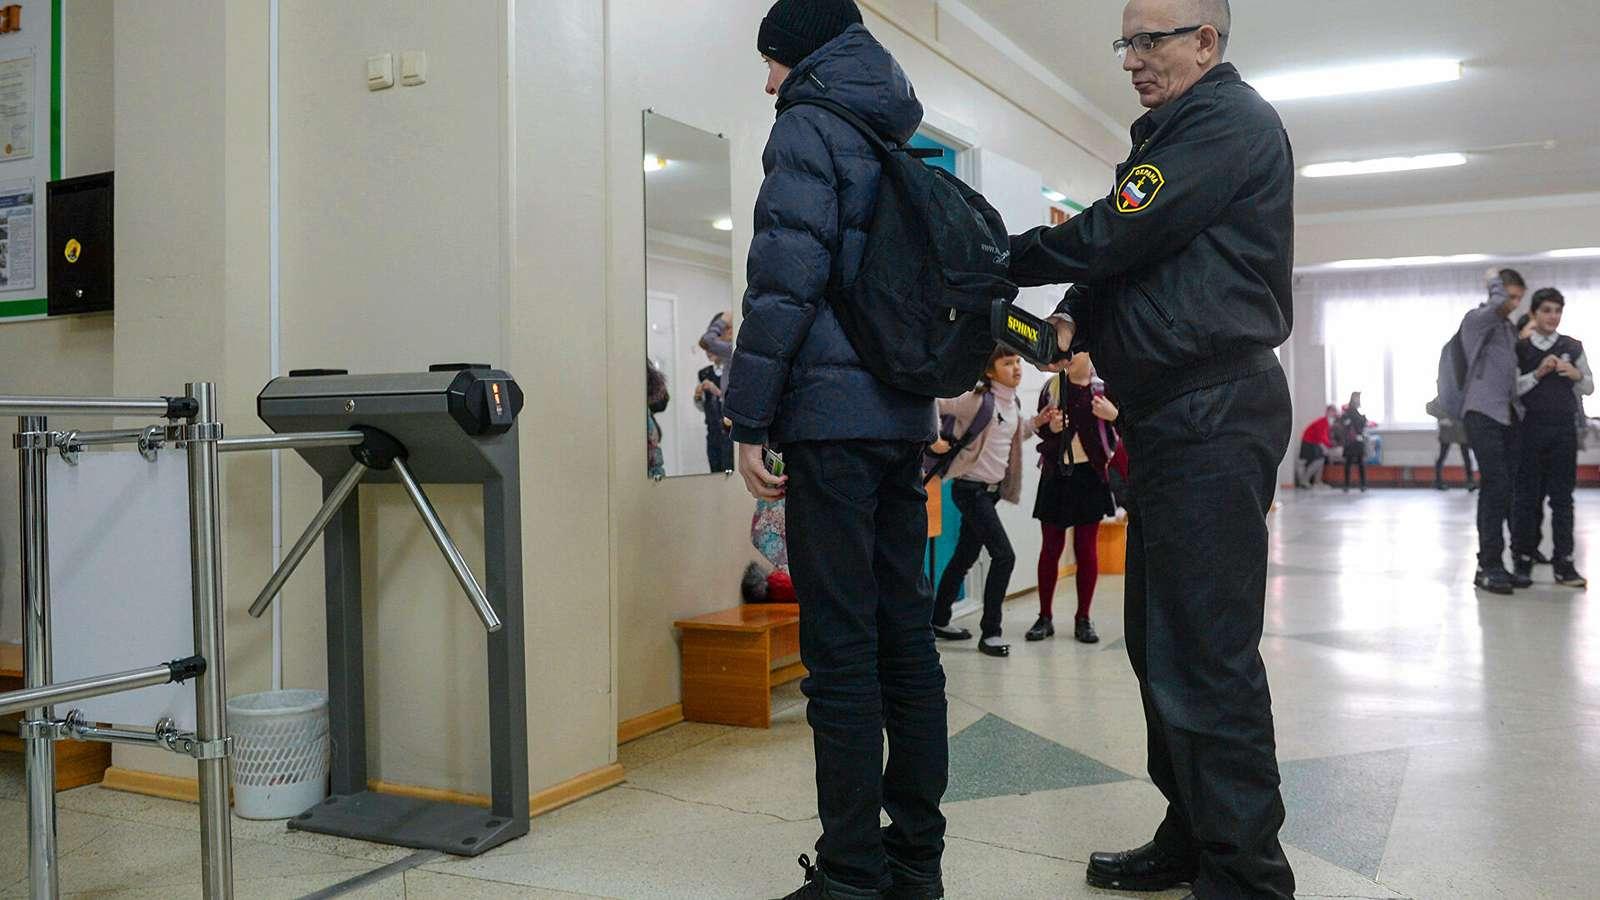 Сотрудники ЧОП рассказали про недостаточное оснащение для охраны школ